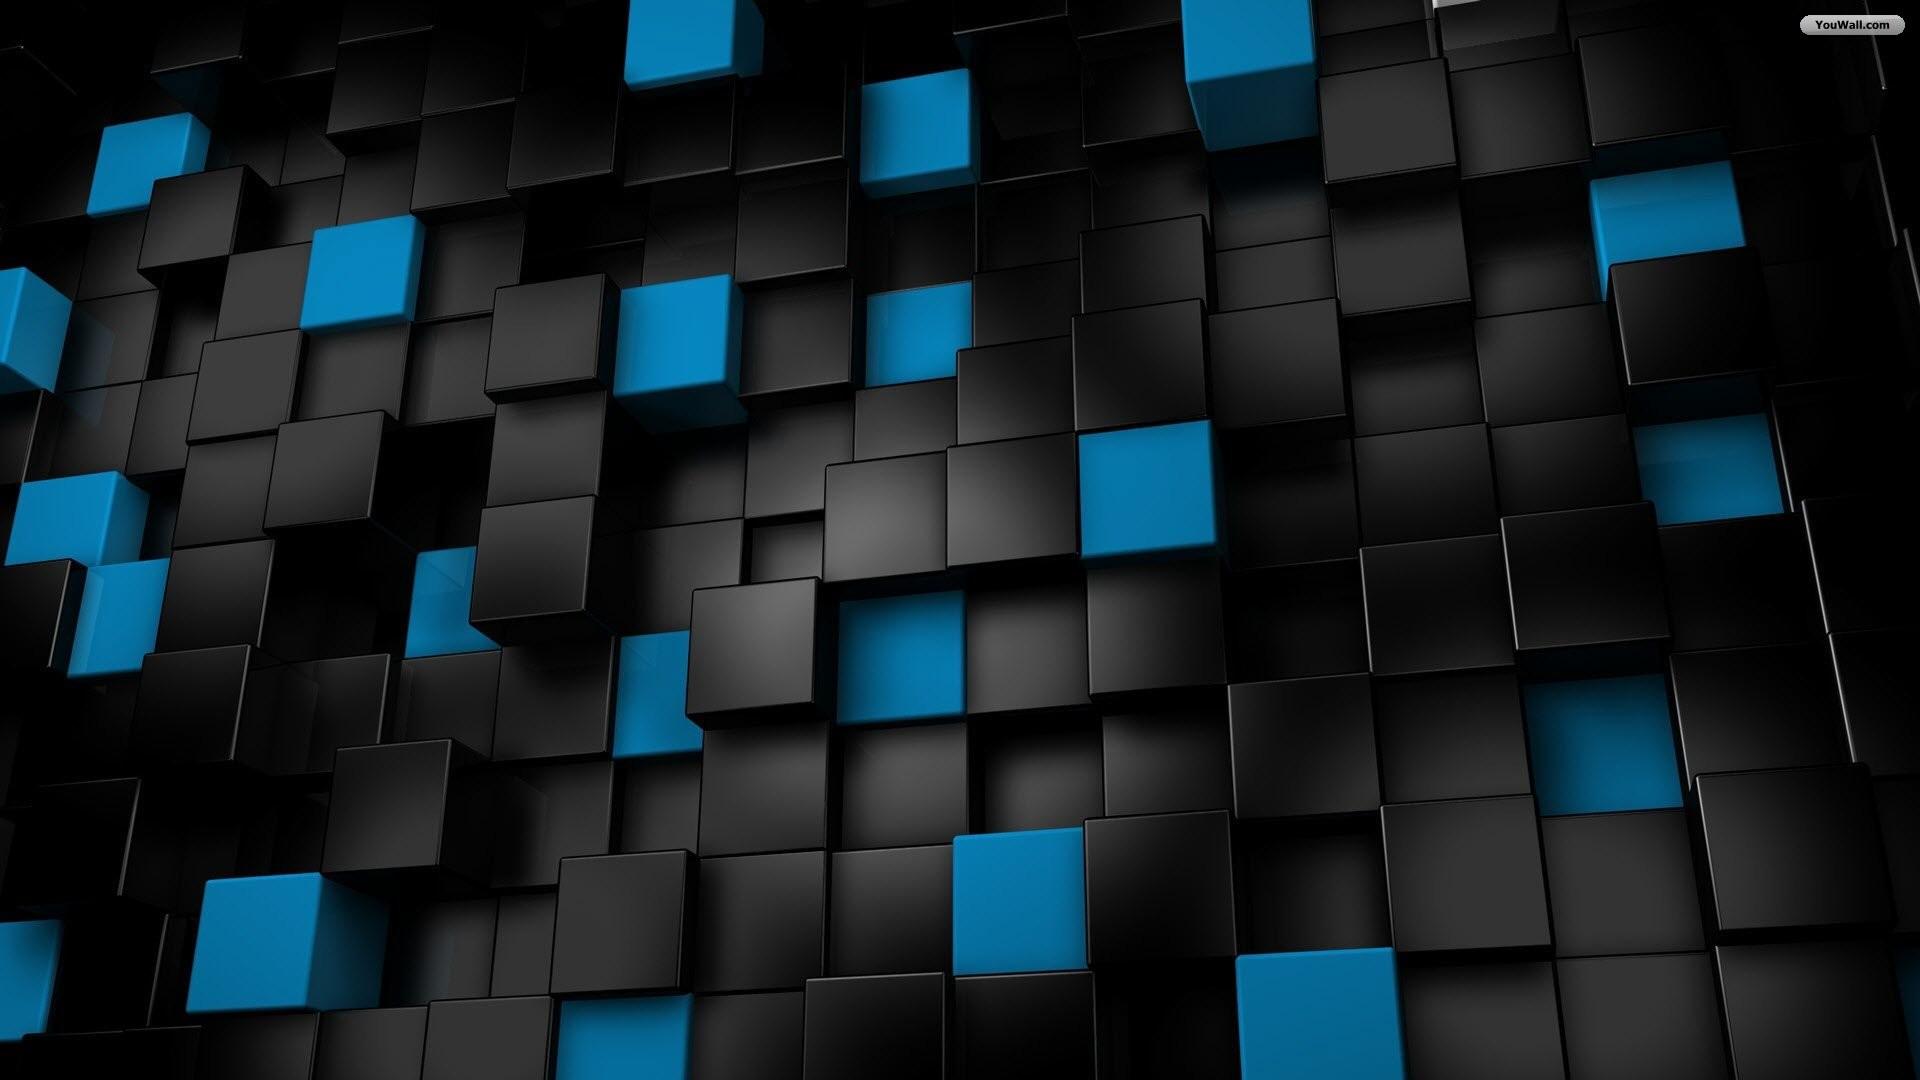 Cool Blue Wallpaper Desktop